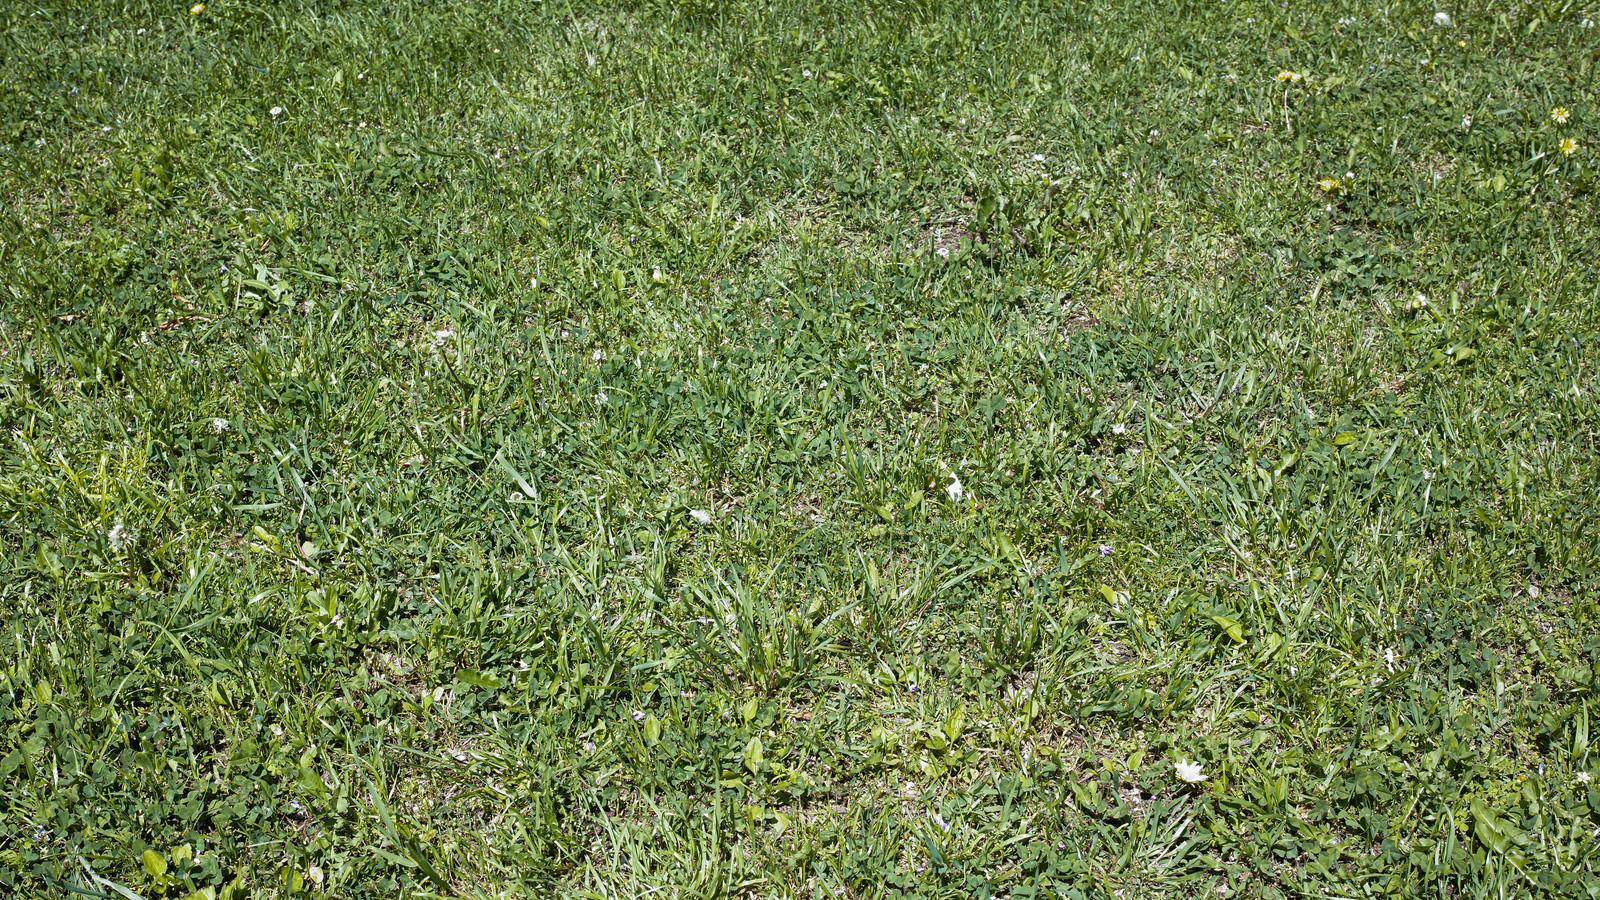 「手入れされた芝生のシンプルなテクスチャ」の写真